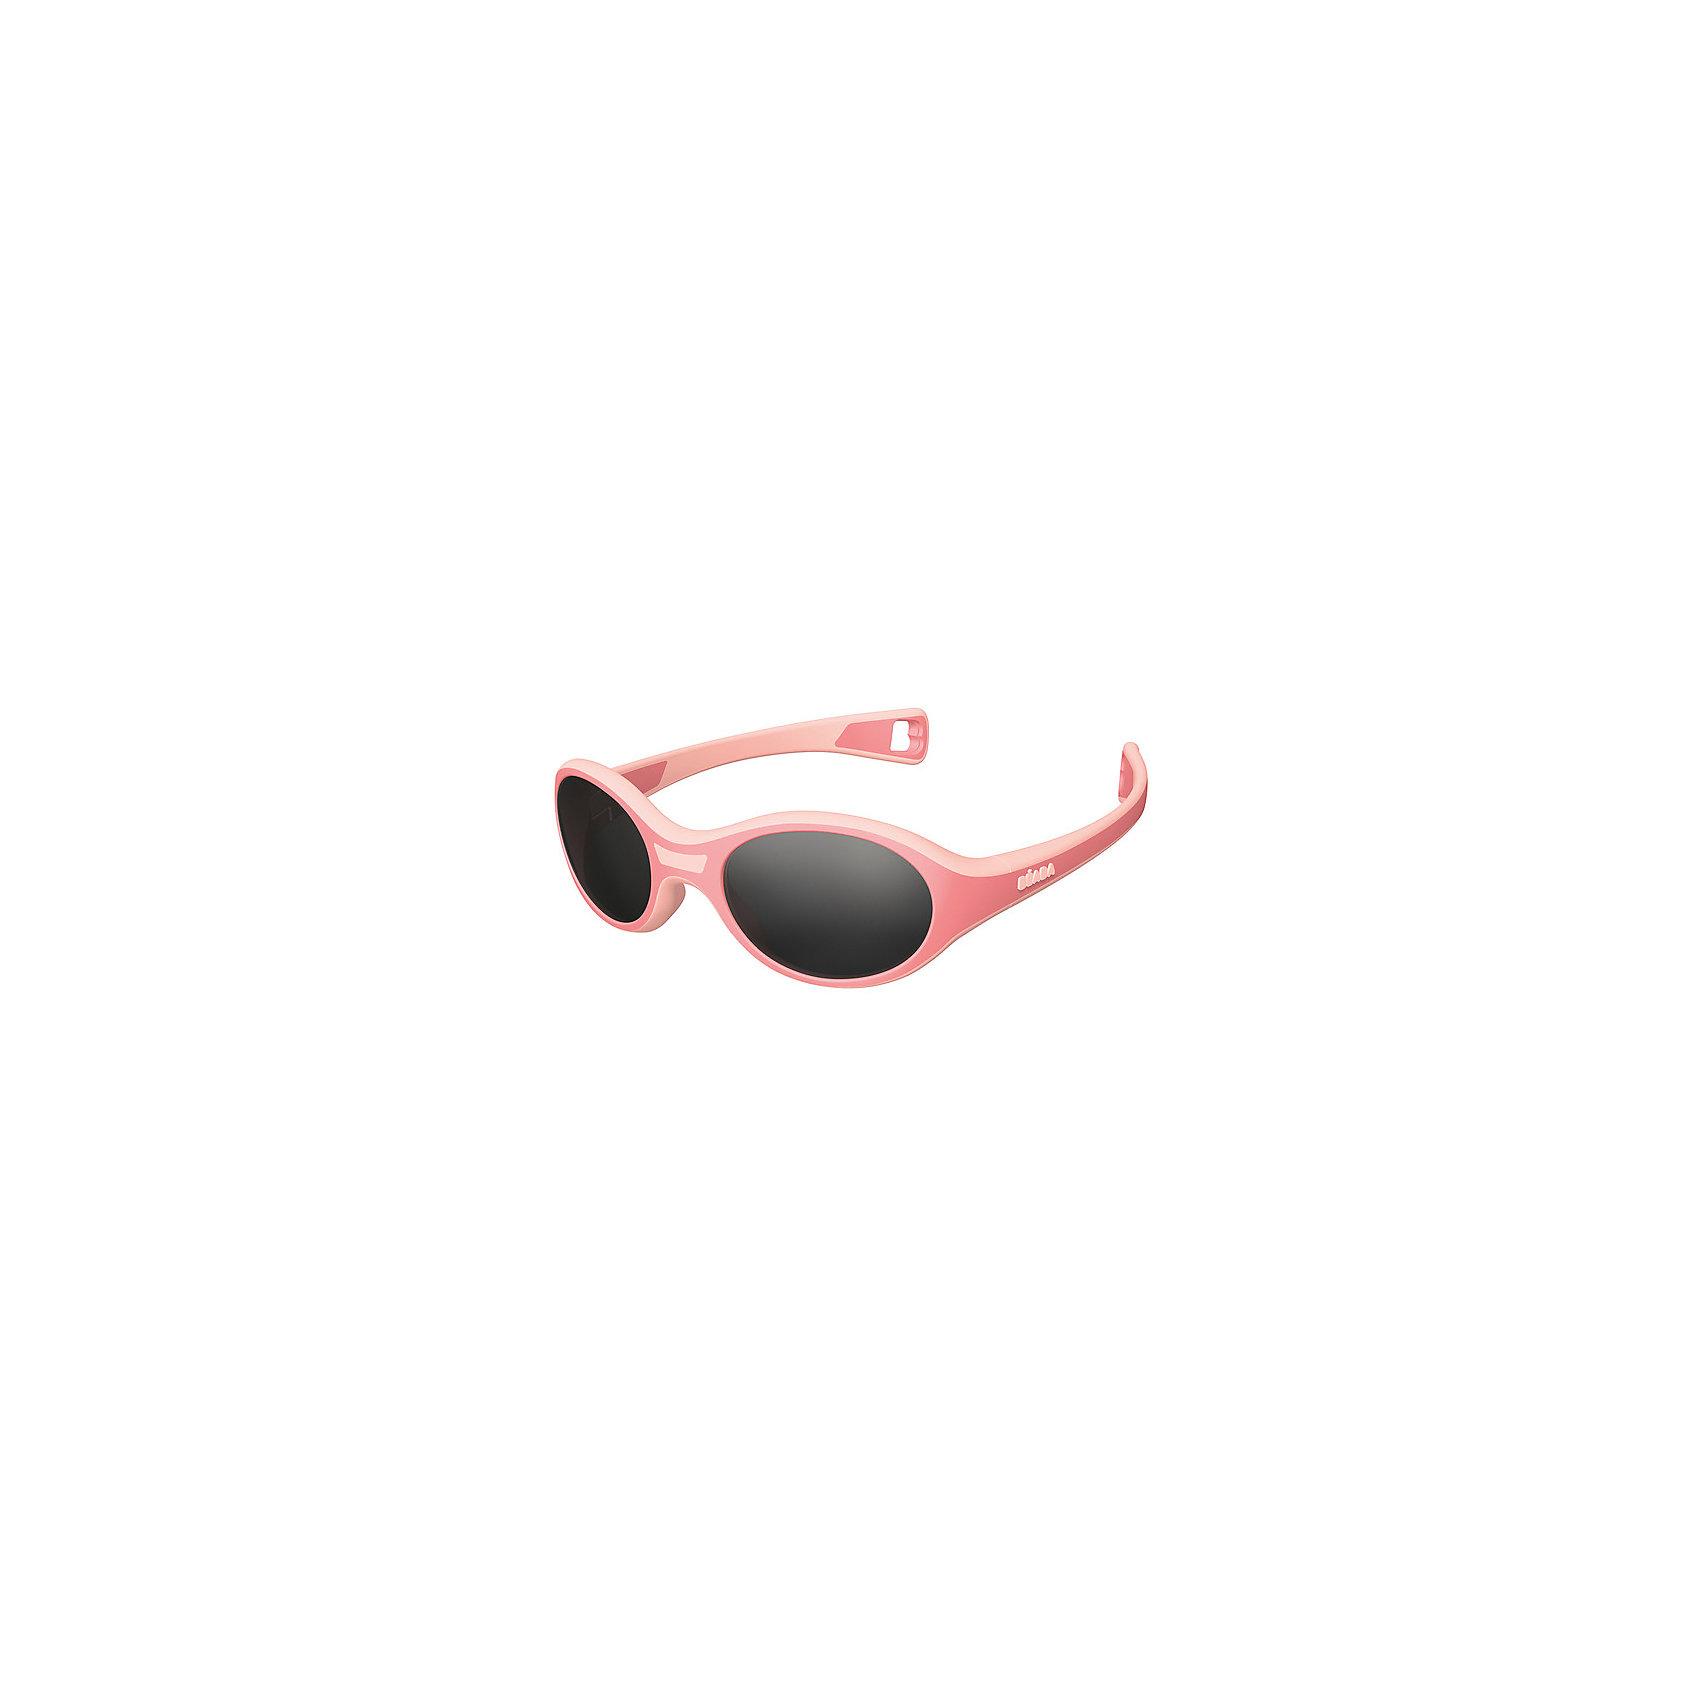 Солнцезащитные очки Sungalesses Baby 360°, р-р М, Beaba, розовыйСолнцезащитные очки<br>Французская пластиковая долина: Ойонна : <br>Настоящее ноу-хау для Франции и всего мира<br>Специализированная экспертиза. Весомые аргументы для наших покупателей: <br>Дизайн, пресс-формы, и сборка – всё делается во Франции<br>Неоспоримое конкурентное преимущество над другими очками<br>Гарантия качества в мире оптики<br>Множество сертификатов. Соответствие стандартам очков ISO 12311-1   ISO 12312-1 (стандарты 2015)<br>Гибкий каркас из полипропилена и ABS <br>Короткие дужки для удержания очков в сидячей коляске.Категория 3 : сильная защита, затемнённые линзы, подходящие для отдыха на море и в горах. Новое направление стратегии B?aba : <br>Использование линз 3-й категории в наших очках (за исключением малышей с очень чувствительными глазами)<br>Стёкла пропускают 27-30% света ? дети наконец-то не пытаются снять очки ! <br>100% защита от УФ-лучей <br>Реальное конкурентное преимущество – настоящее ноу-хау благодаря техническим аспектам.<br><br>Ширина мм: 150<br>Глубина мм: 40<br>Высота мм: 80<br>Вес г: 40<br>Возраст от месяцев: 12<br>Возраст до месяцев: 24<br>Пол: Женский<br>Возраст: Детский<br>SKU: 5543597